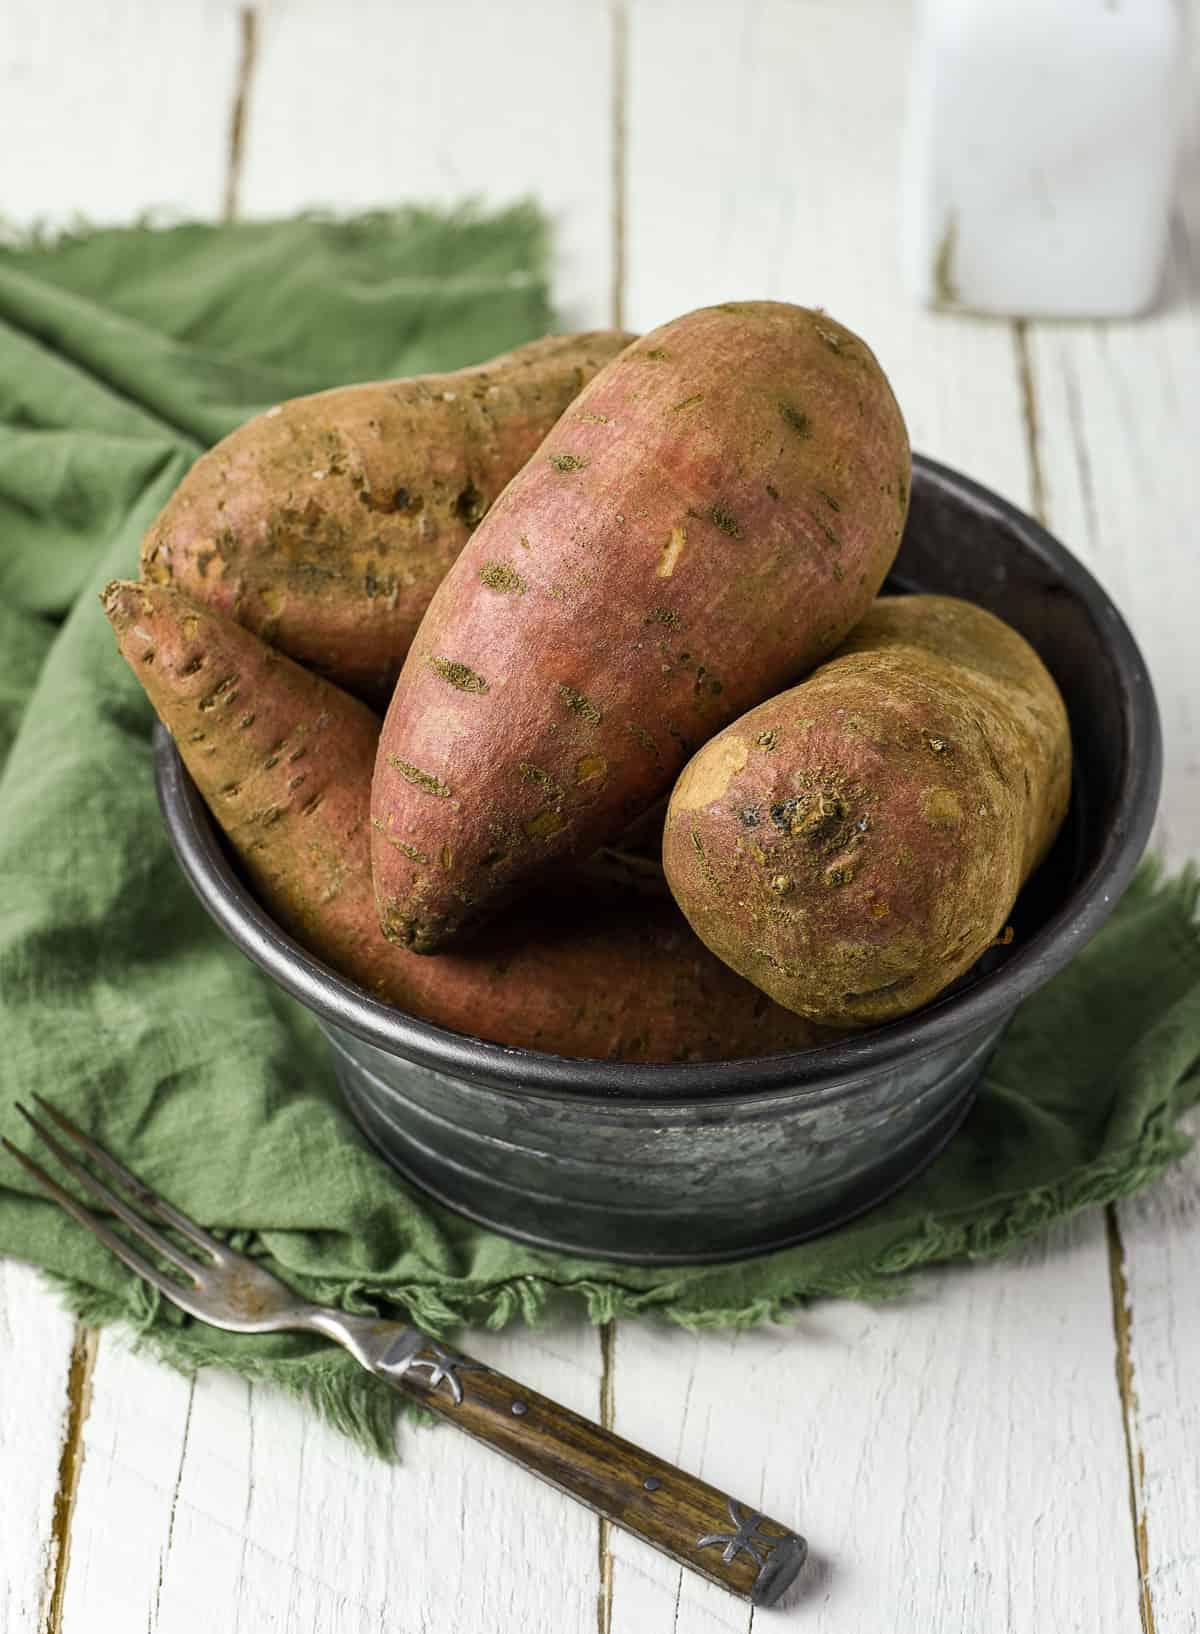 Bucket of sweet potatoes.